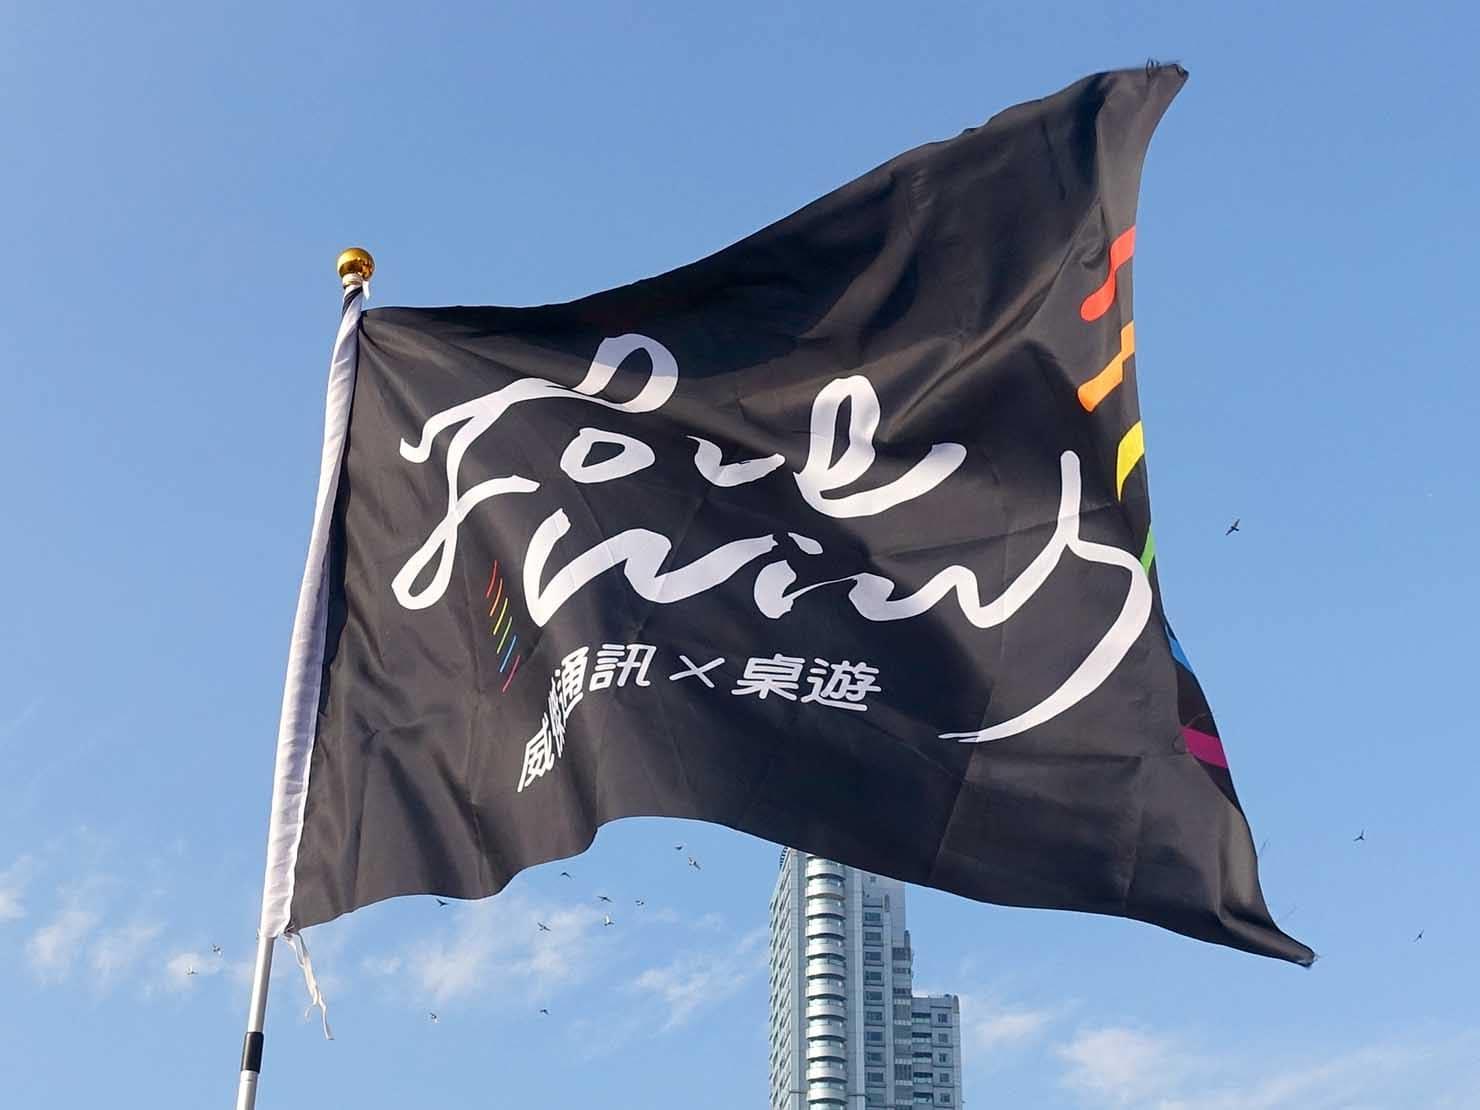 「高雄同志大遊行(高雄プライド)」2019のパレードで空にはためくLoveWinsのフラッグ